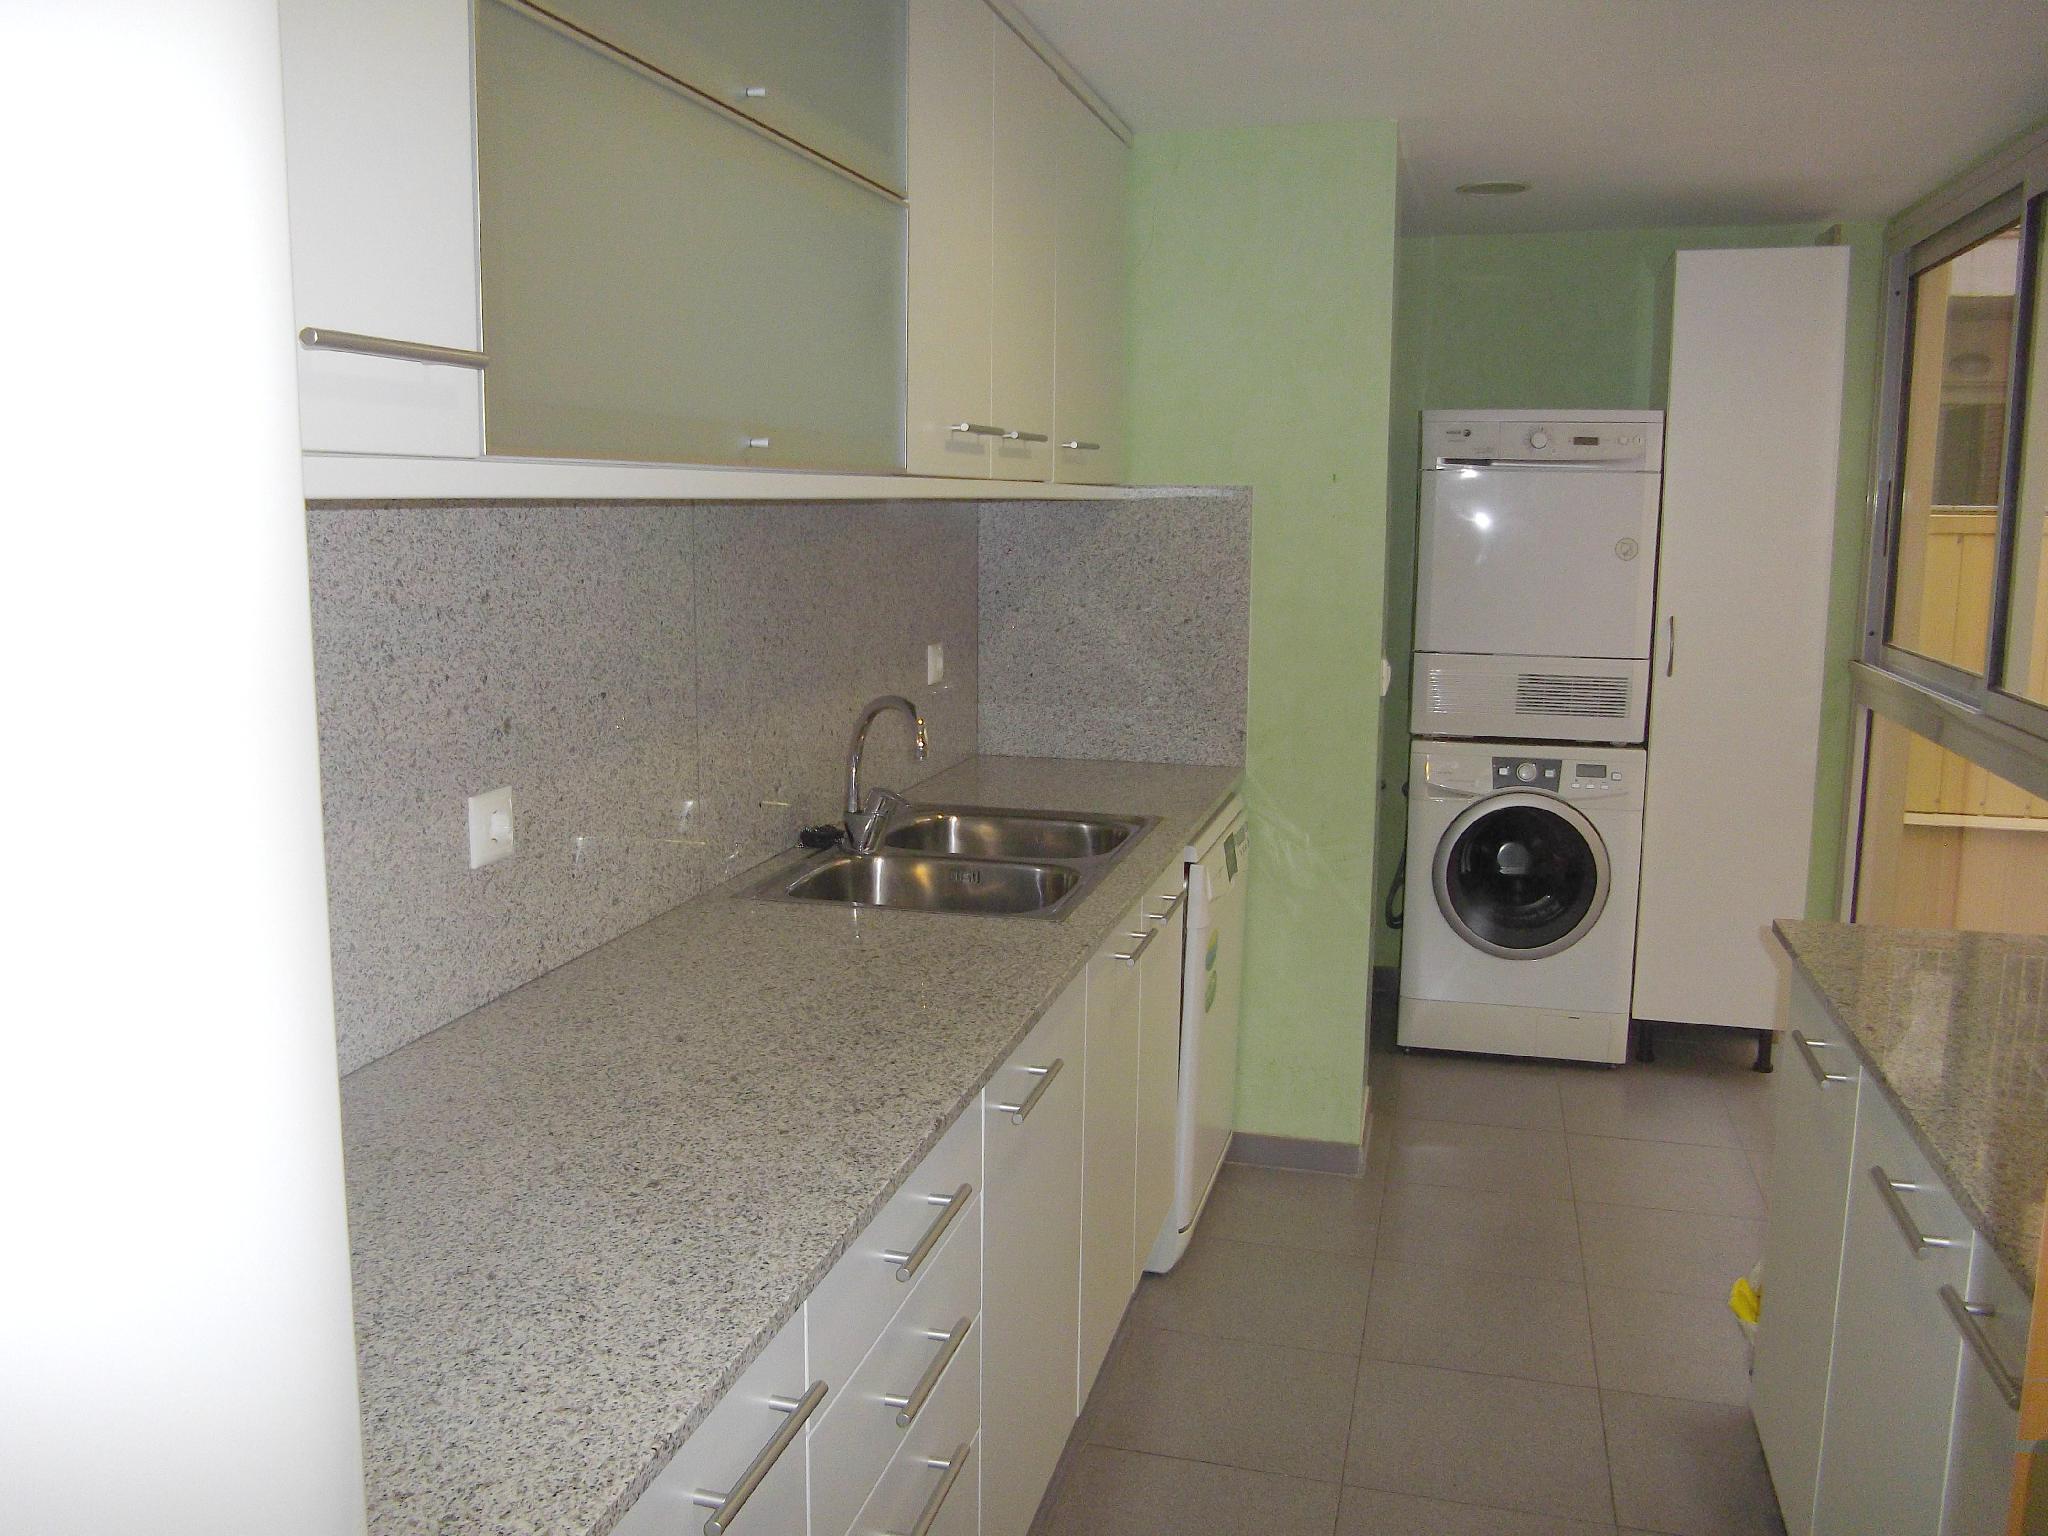 116403 - Zona Centro, junto Calle Bon Viatge